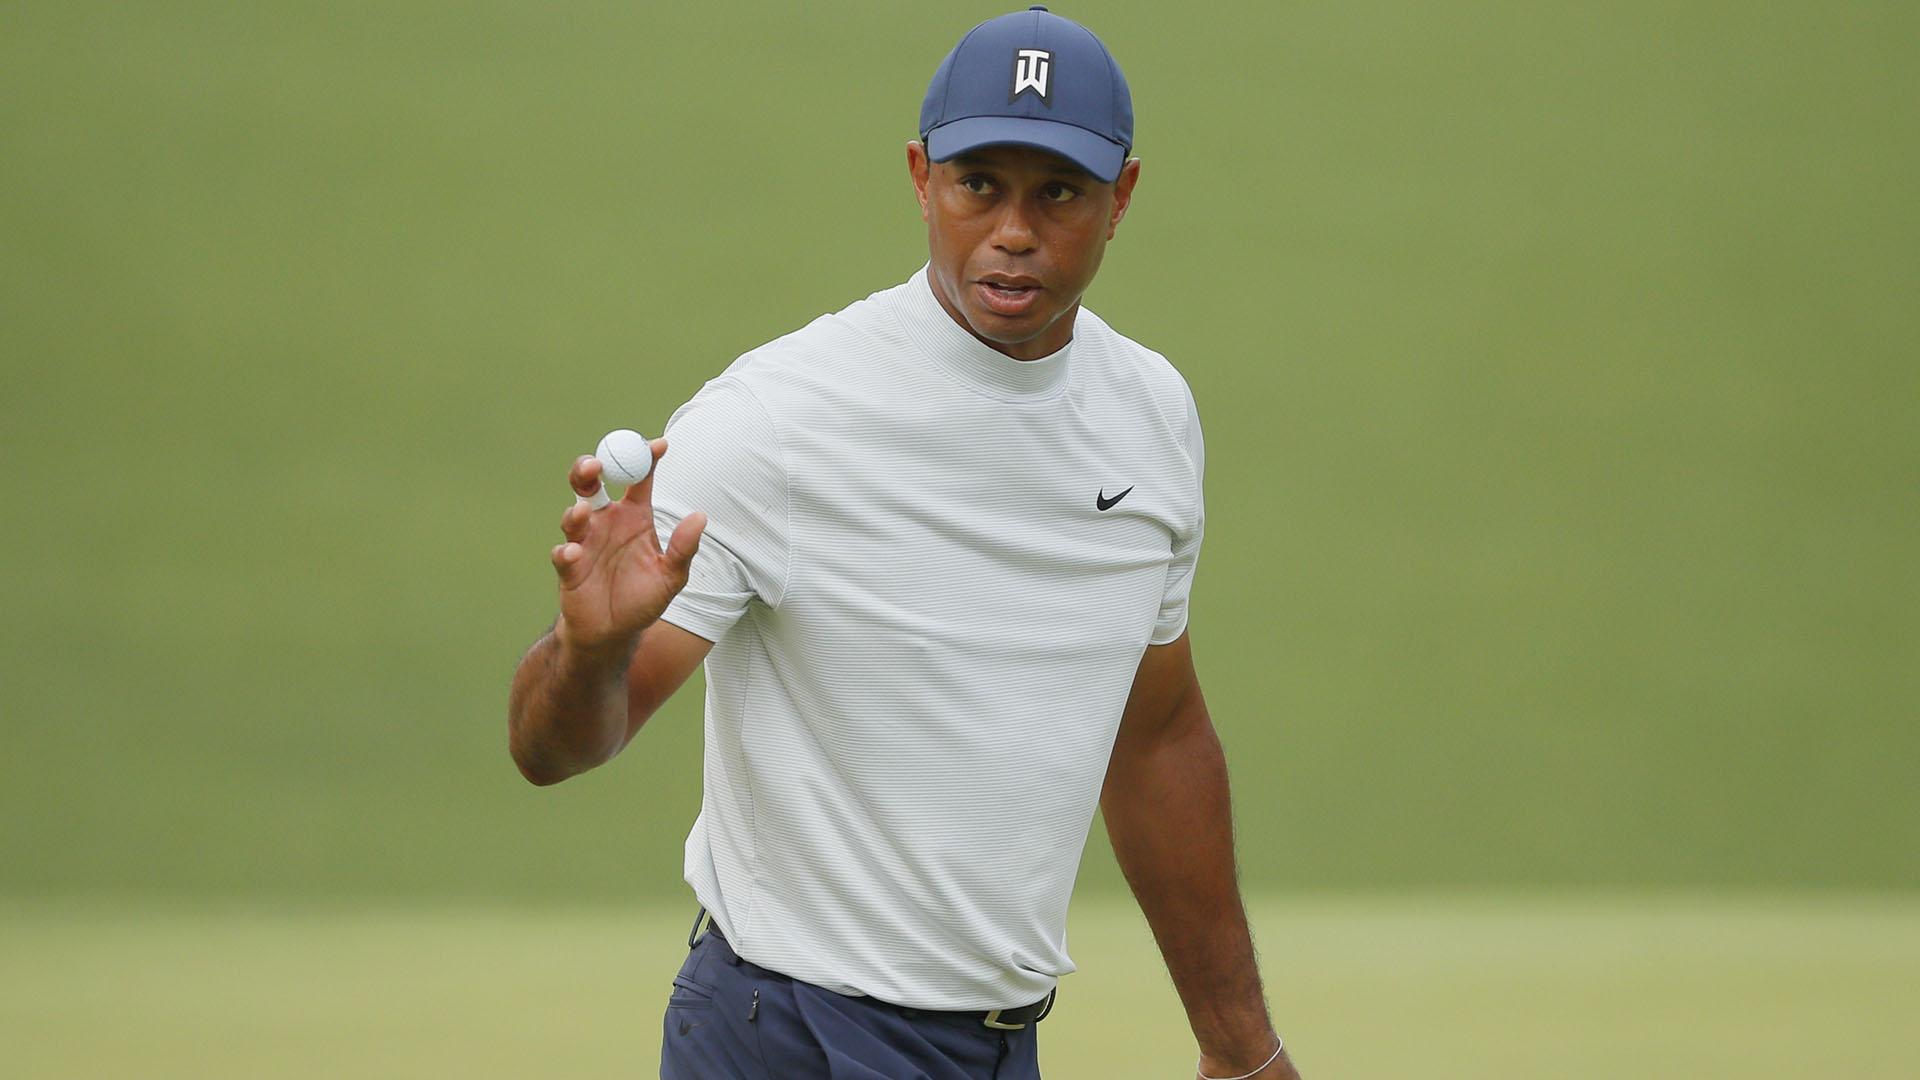 Tiger Woods tiene la posibilidad de participar en los Juegos Olímpicos (Foto:REUTERS/Brian Snyder)